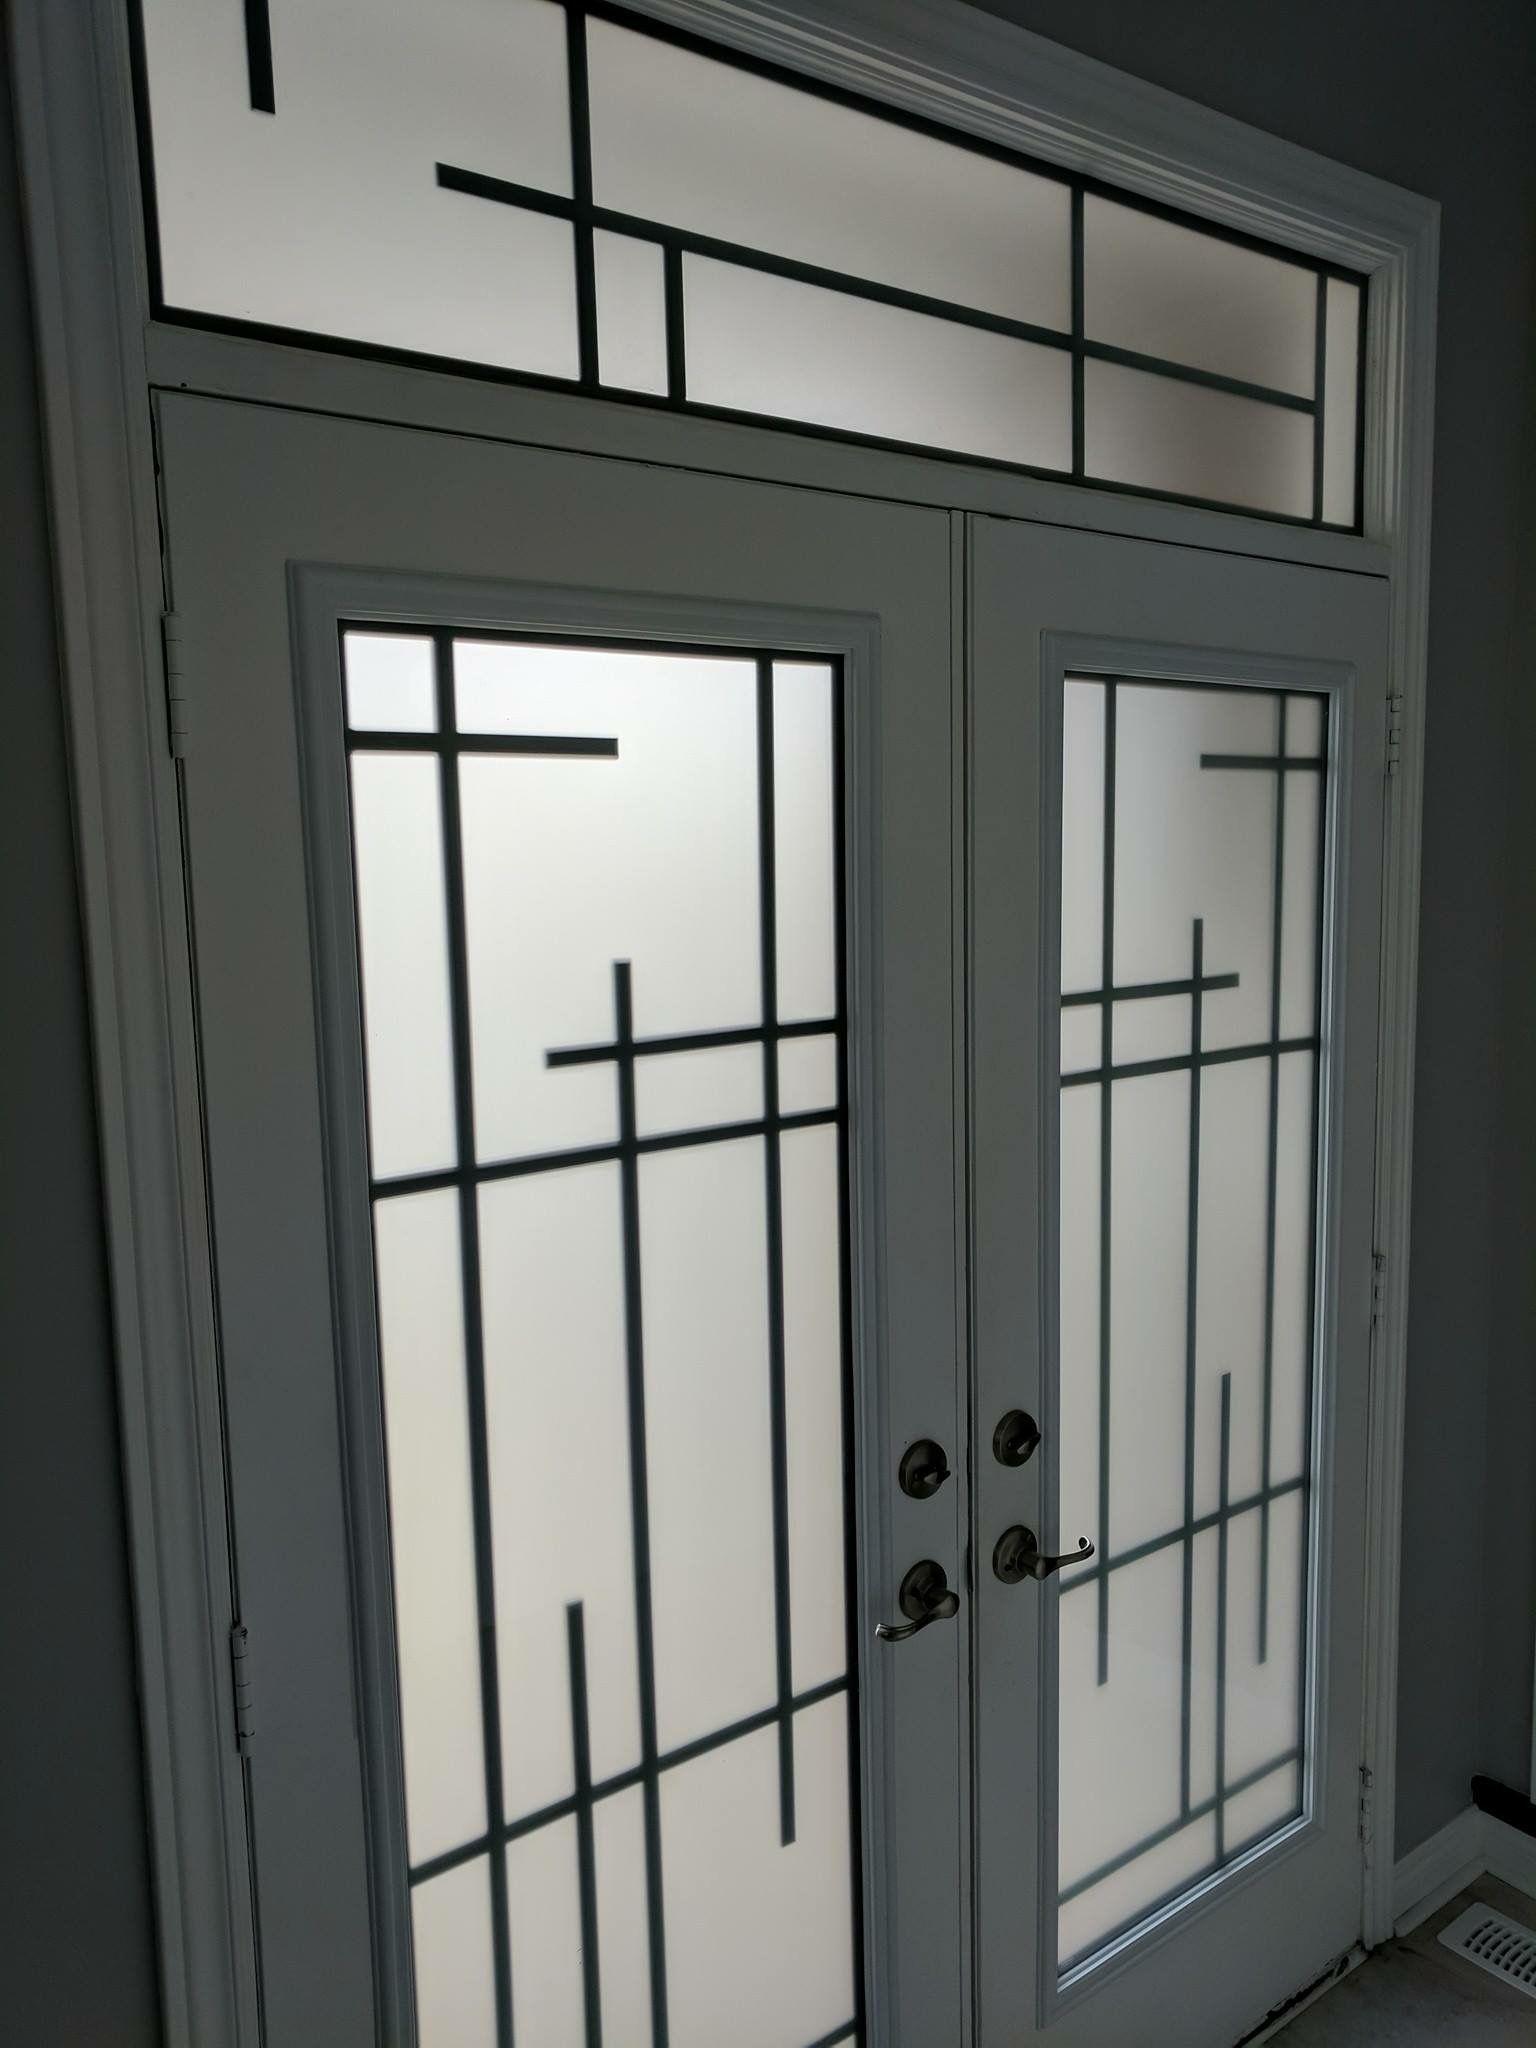 Wrought Zey A1 Glass Inserts Window Grill Design Steel Door Design Door Gate Design